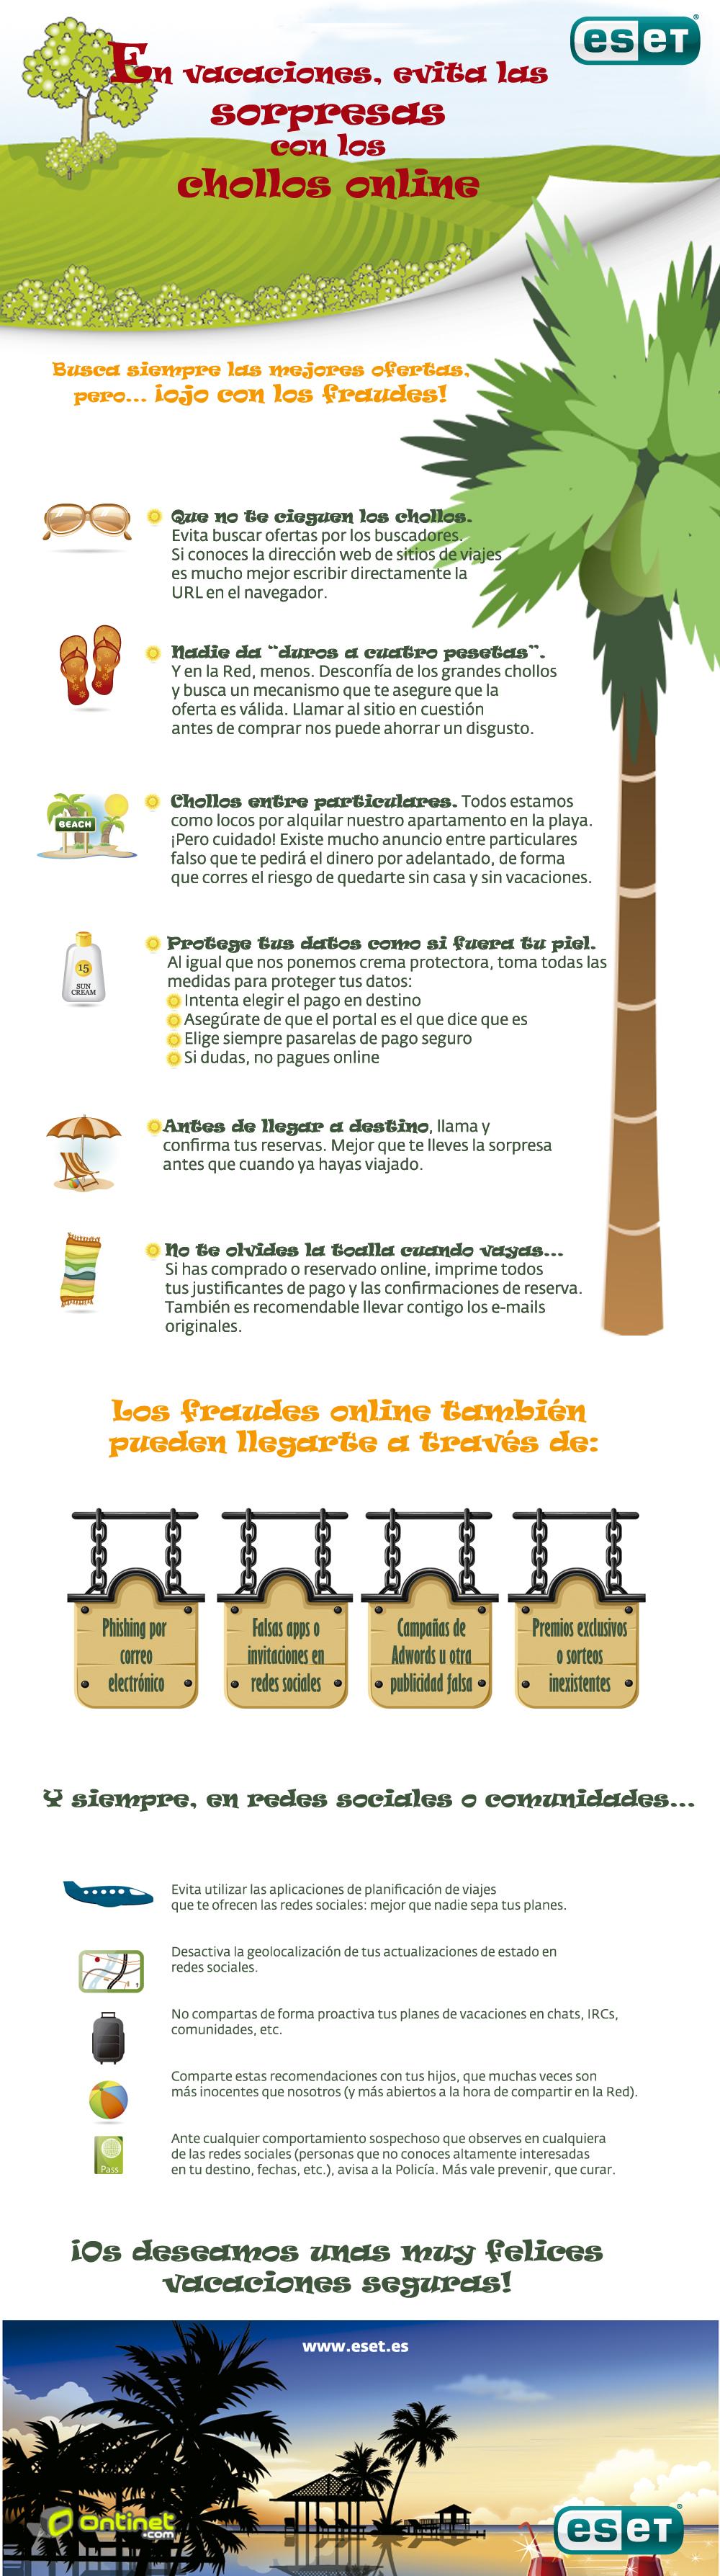 fraude, online, estafa, seguridad, pasarela de pago, sorteos en la red, Málaga, Tenerife, Servicios Informaticos